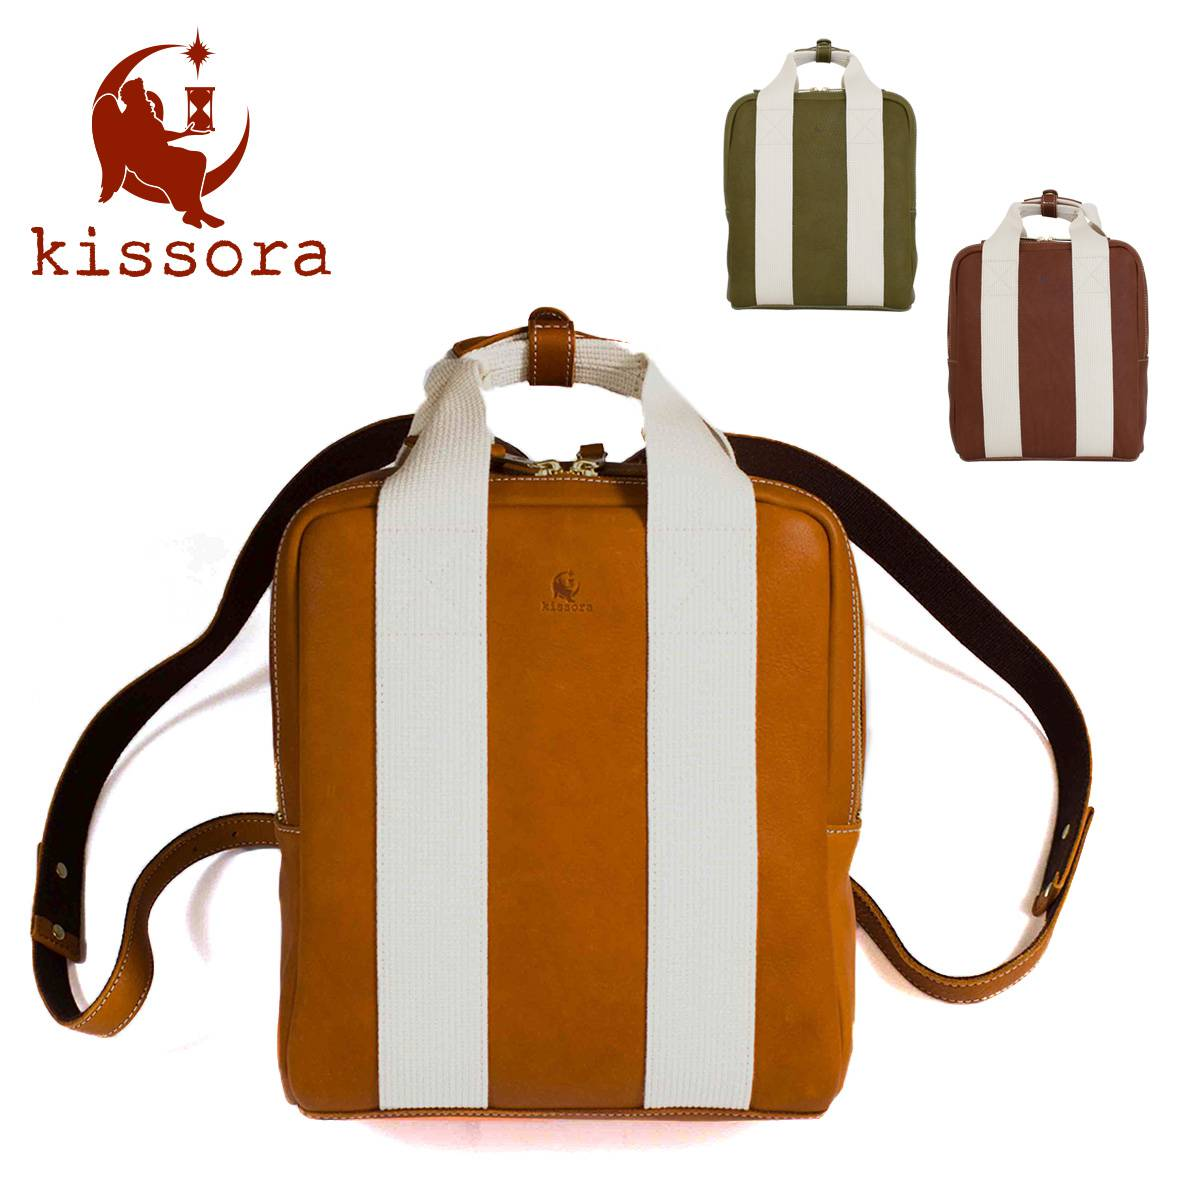 リュック レディース おしゃれ レザー kissora キソラ KIYI-002 【 カルド 】 2WAY 本革 日本製